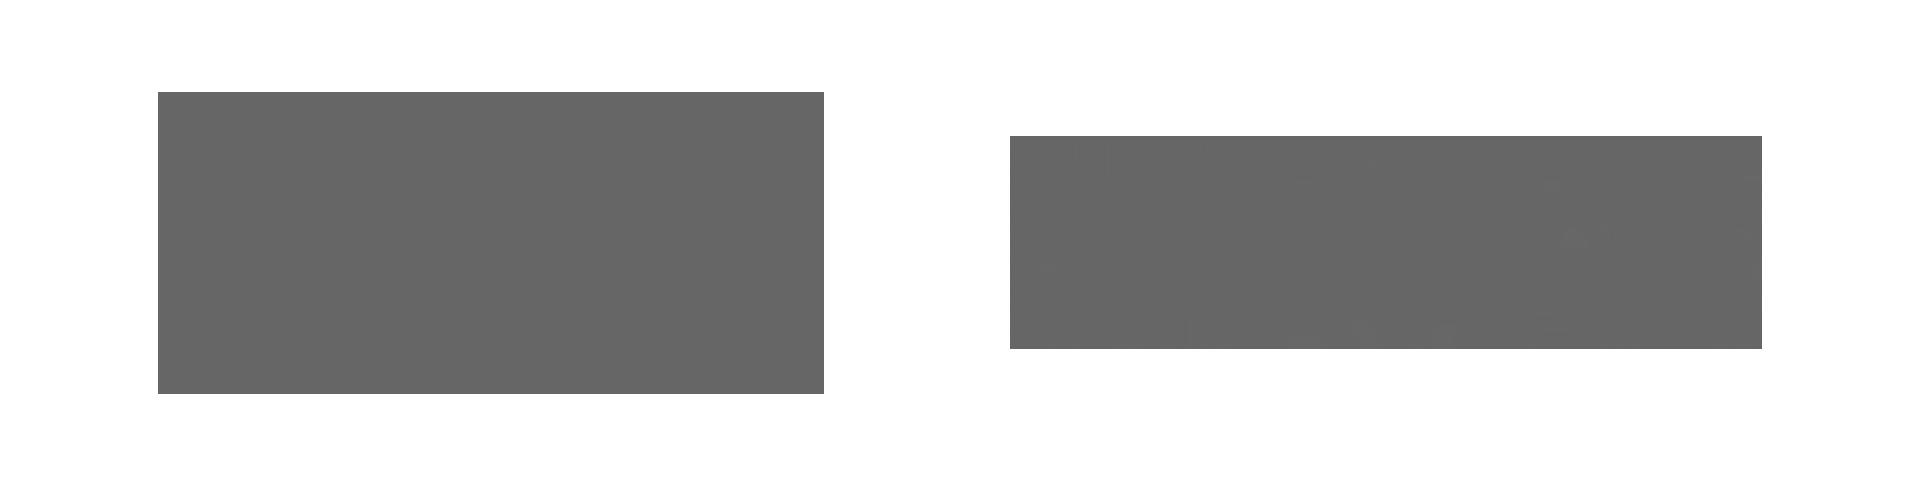 Logos_Fecher_Aurusç.png